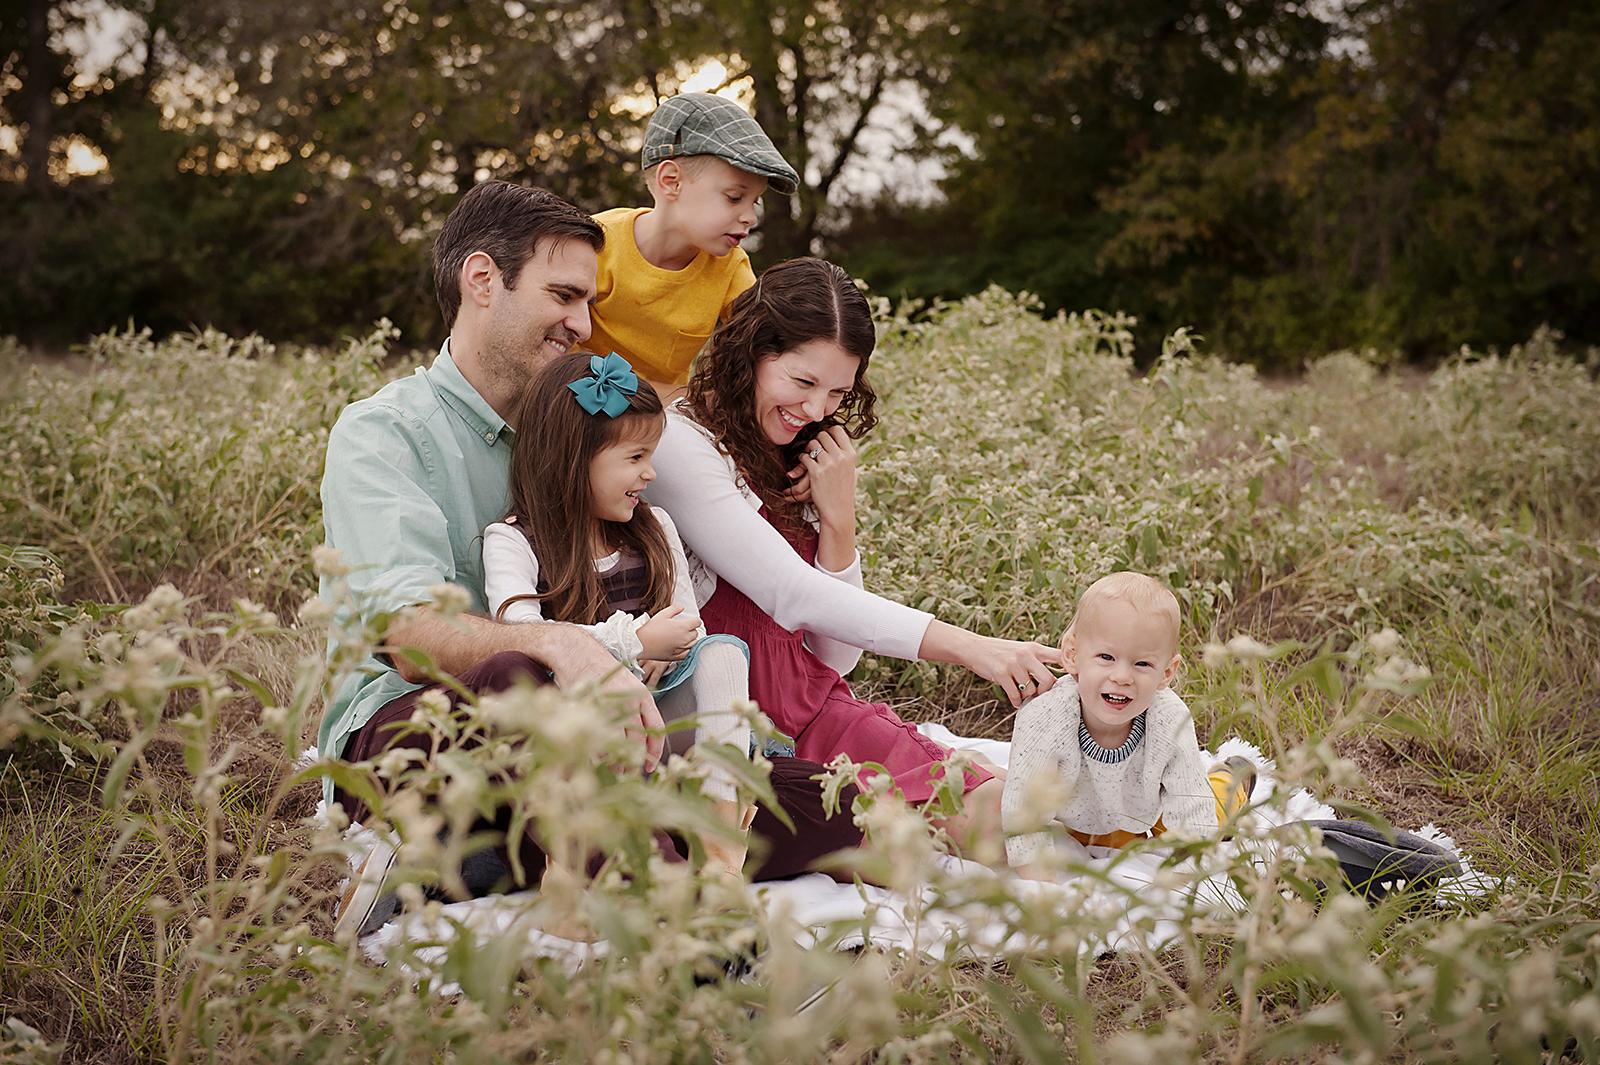 Longview-Family-Portrait-Photographer-Photo_3506_web